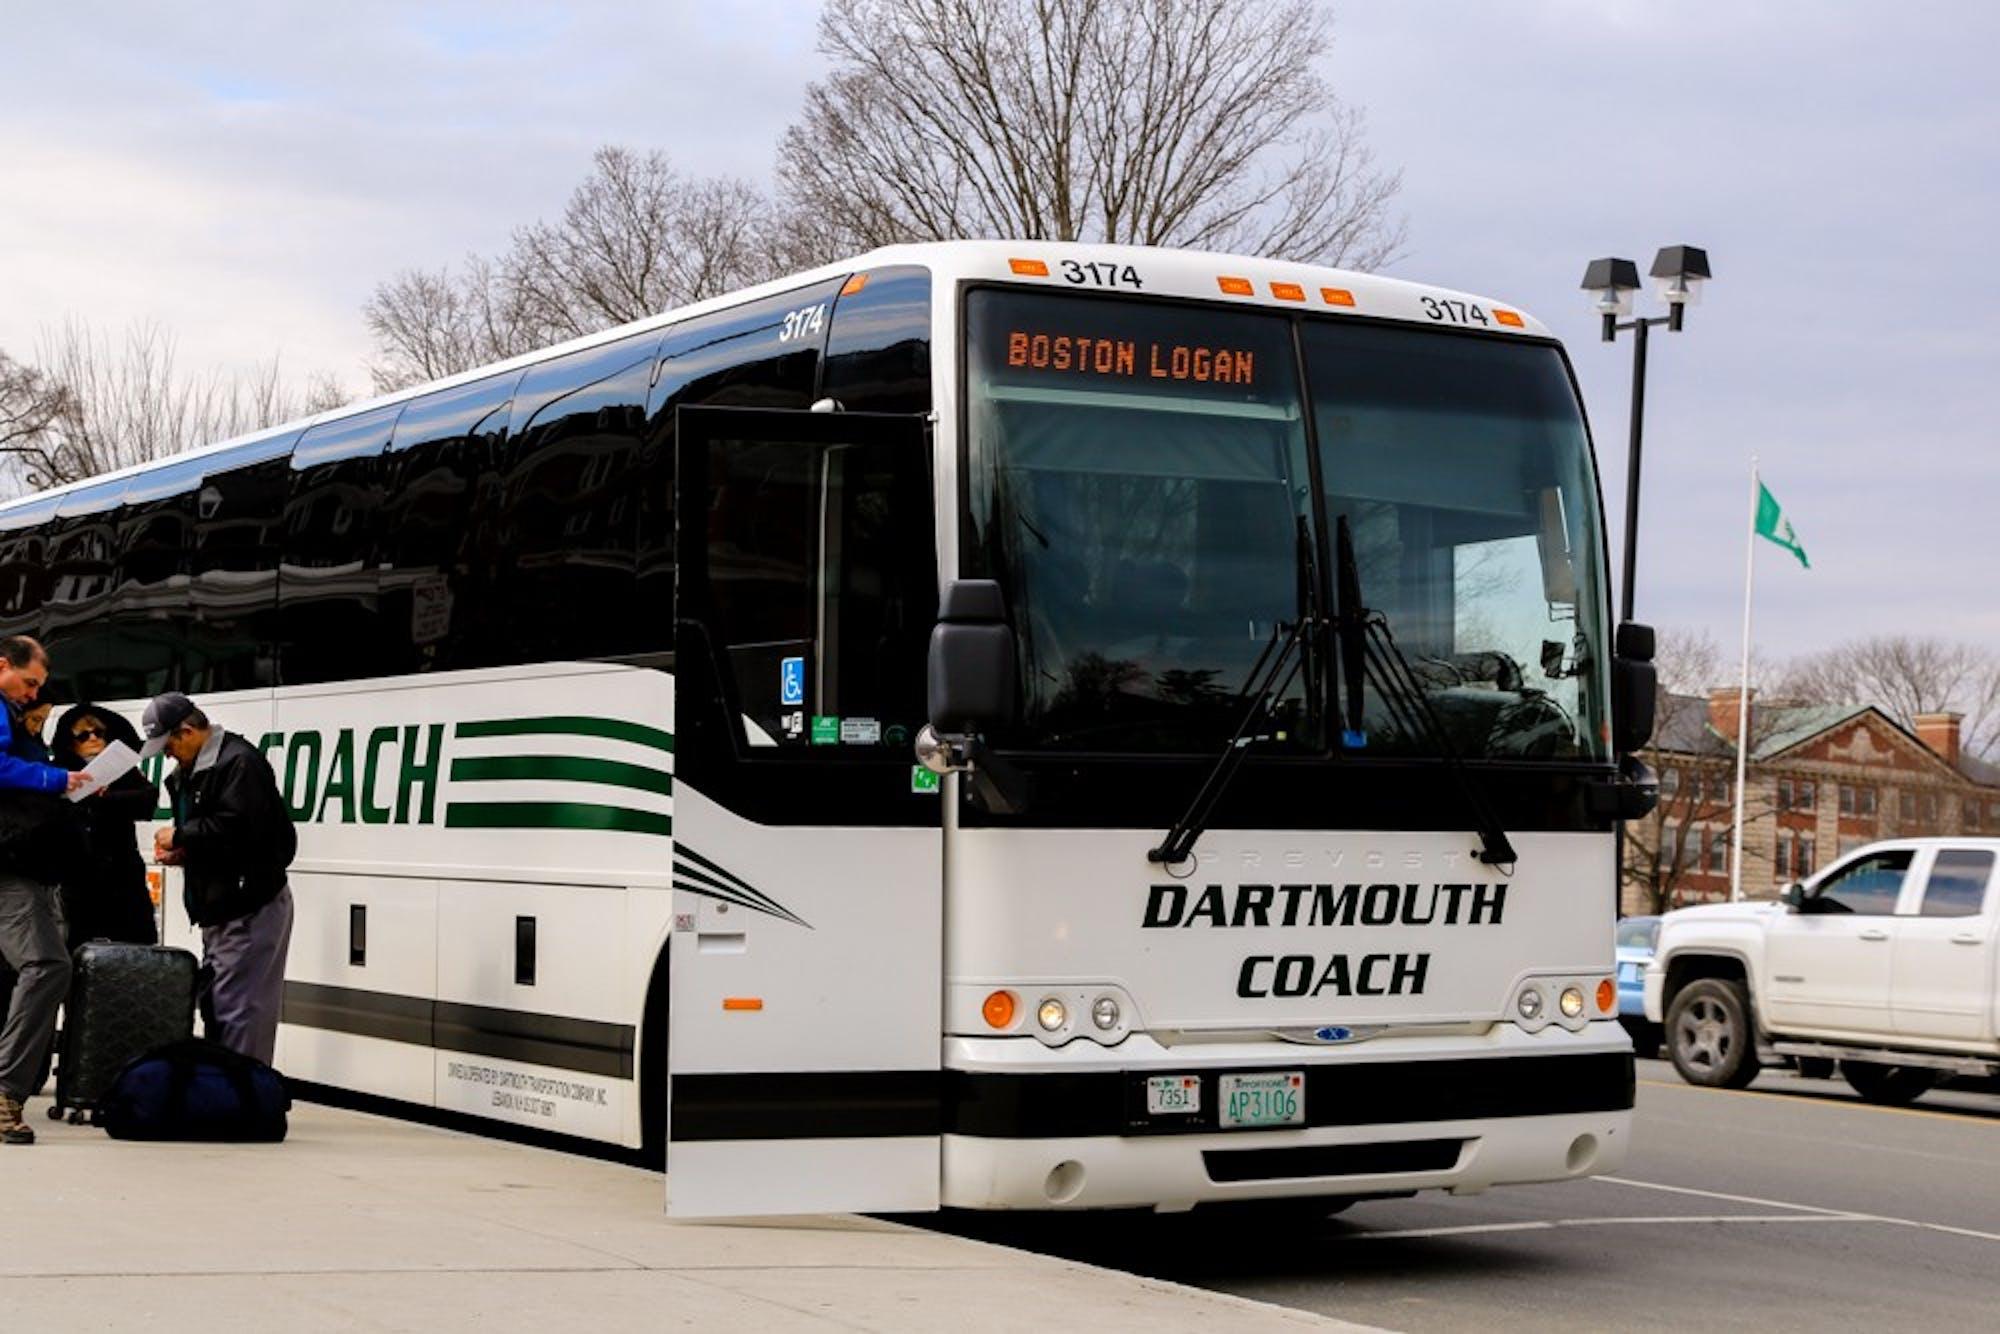 3-3-20-coach-nainabhalla